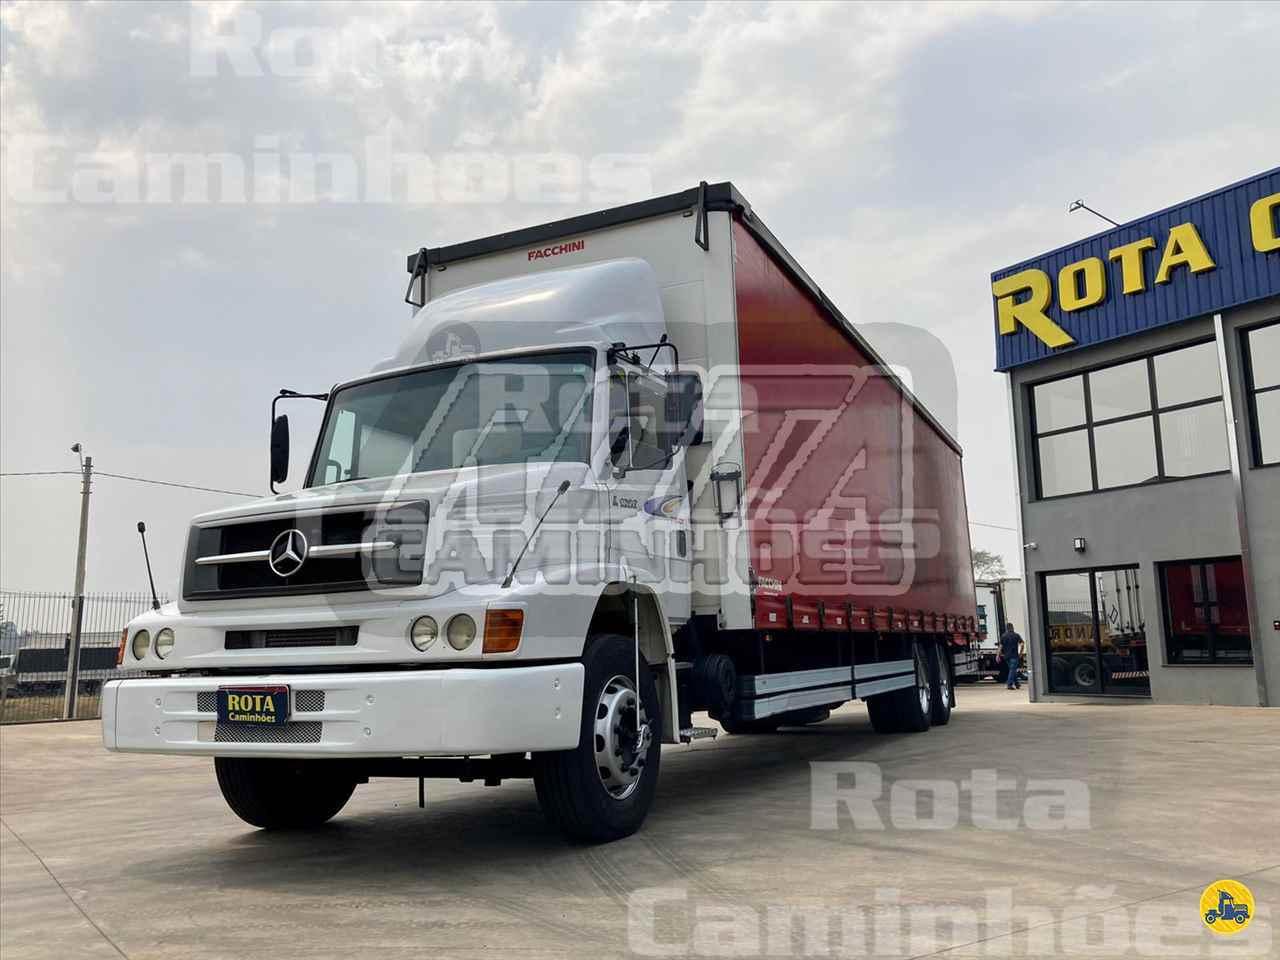 CAMINHAO MERCEDES-BENZ MB 1620 Baú Sider Truck 6x2 Rota Caminhões SUMARE SÃO PAULO SP